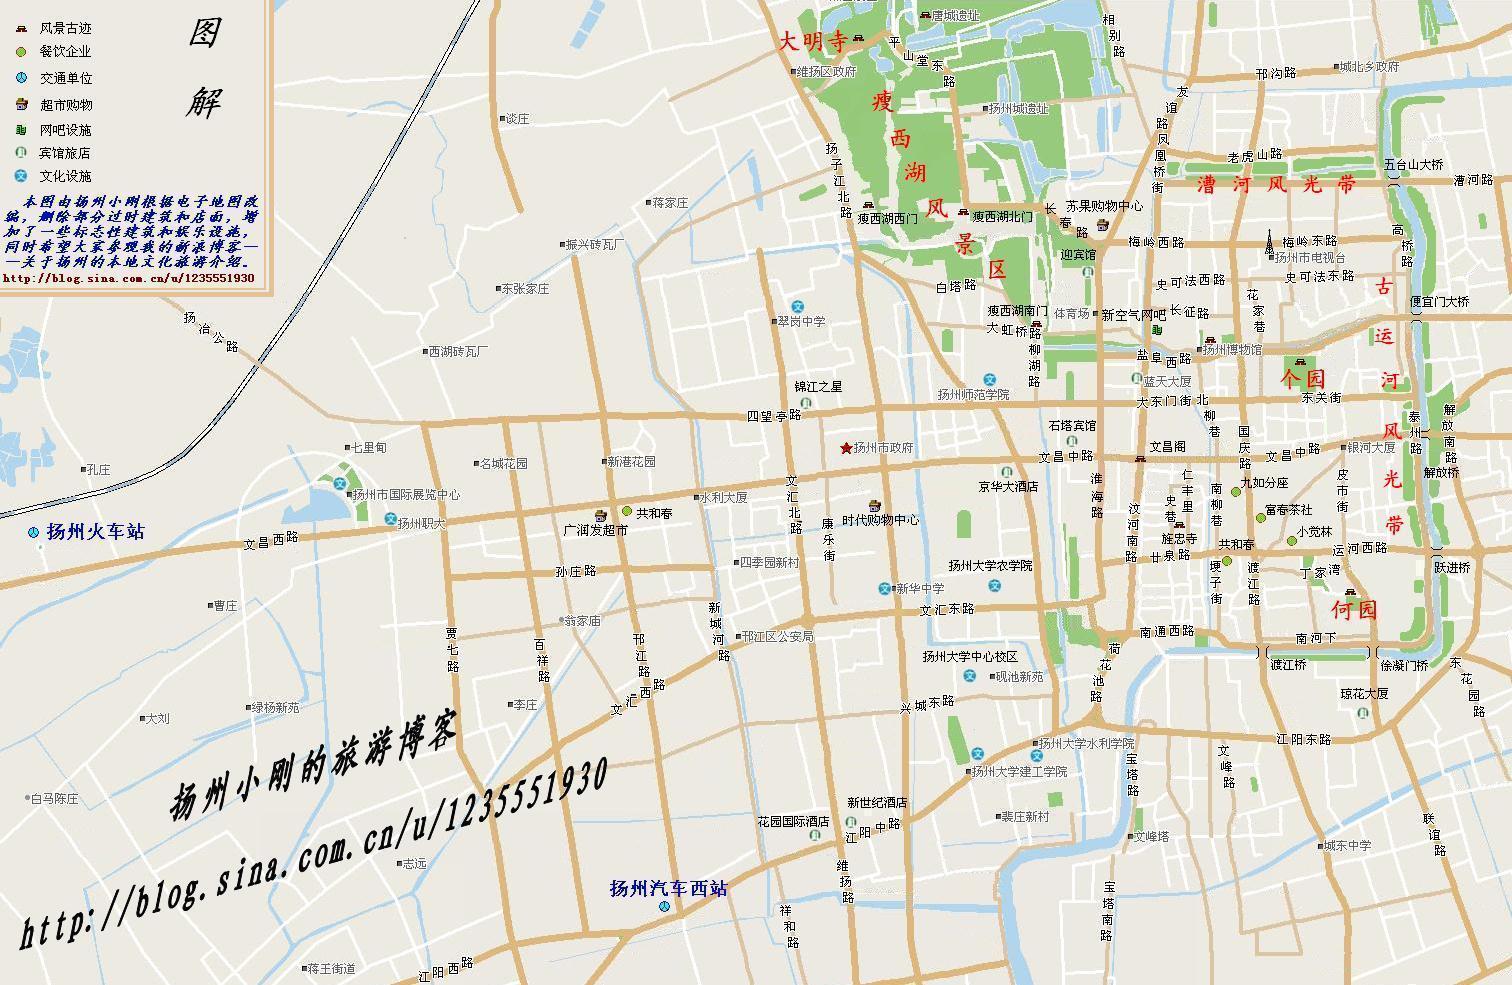 上海逃脱4人扬州三日游攻略*_扬州v攻略城堡出发攻略攻略图片